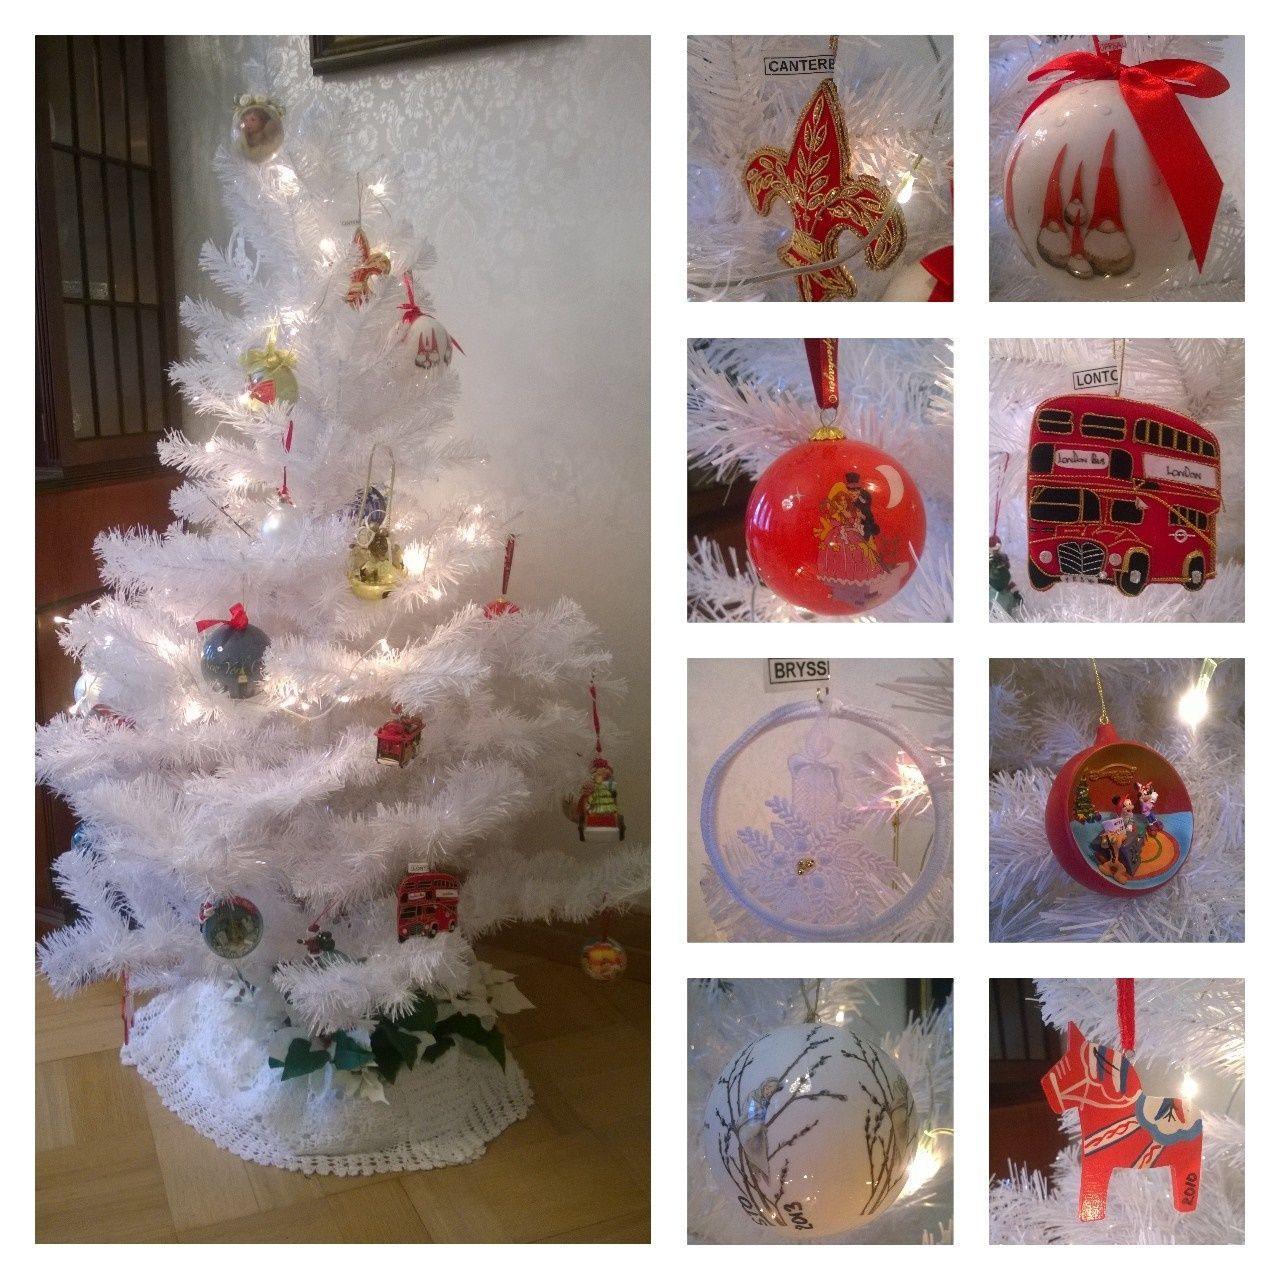 2 / 3 Perheen lomamatkoilta ostetut matkamuistot, joulukuusenkoristeet laitetaan jouluksi ruokasalin valkoiseen muovikuuseen. Tässä kuvat palloista, jotka on ostettu Canterburystä, Upsalasta, Köpenhaminasta, Lontoosta, Brysselistä,  Pariisista ja 2 Tukholmasta.